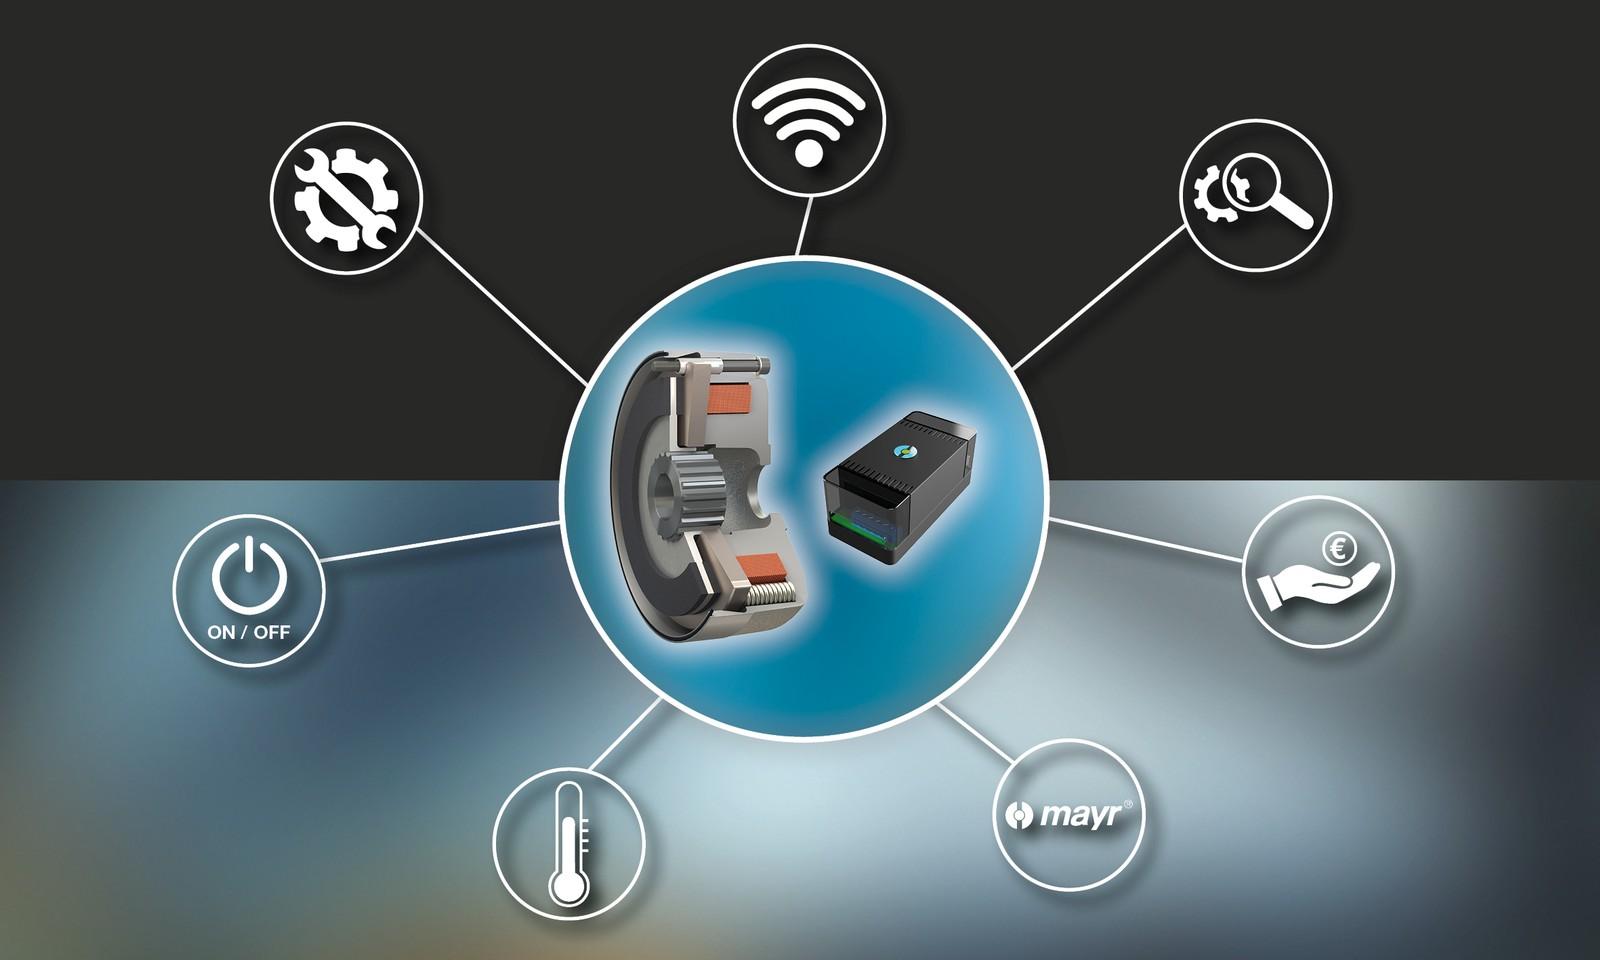 Intelligentes Überwachungsmodul für die Zukunft des Bremsenmonitorings: Neben dem reinen Signal liefert der Roba-Brake-Checker Daten. Sicherheit wird damit sichtbar und Wartung planbar.